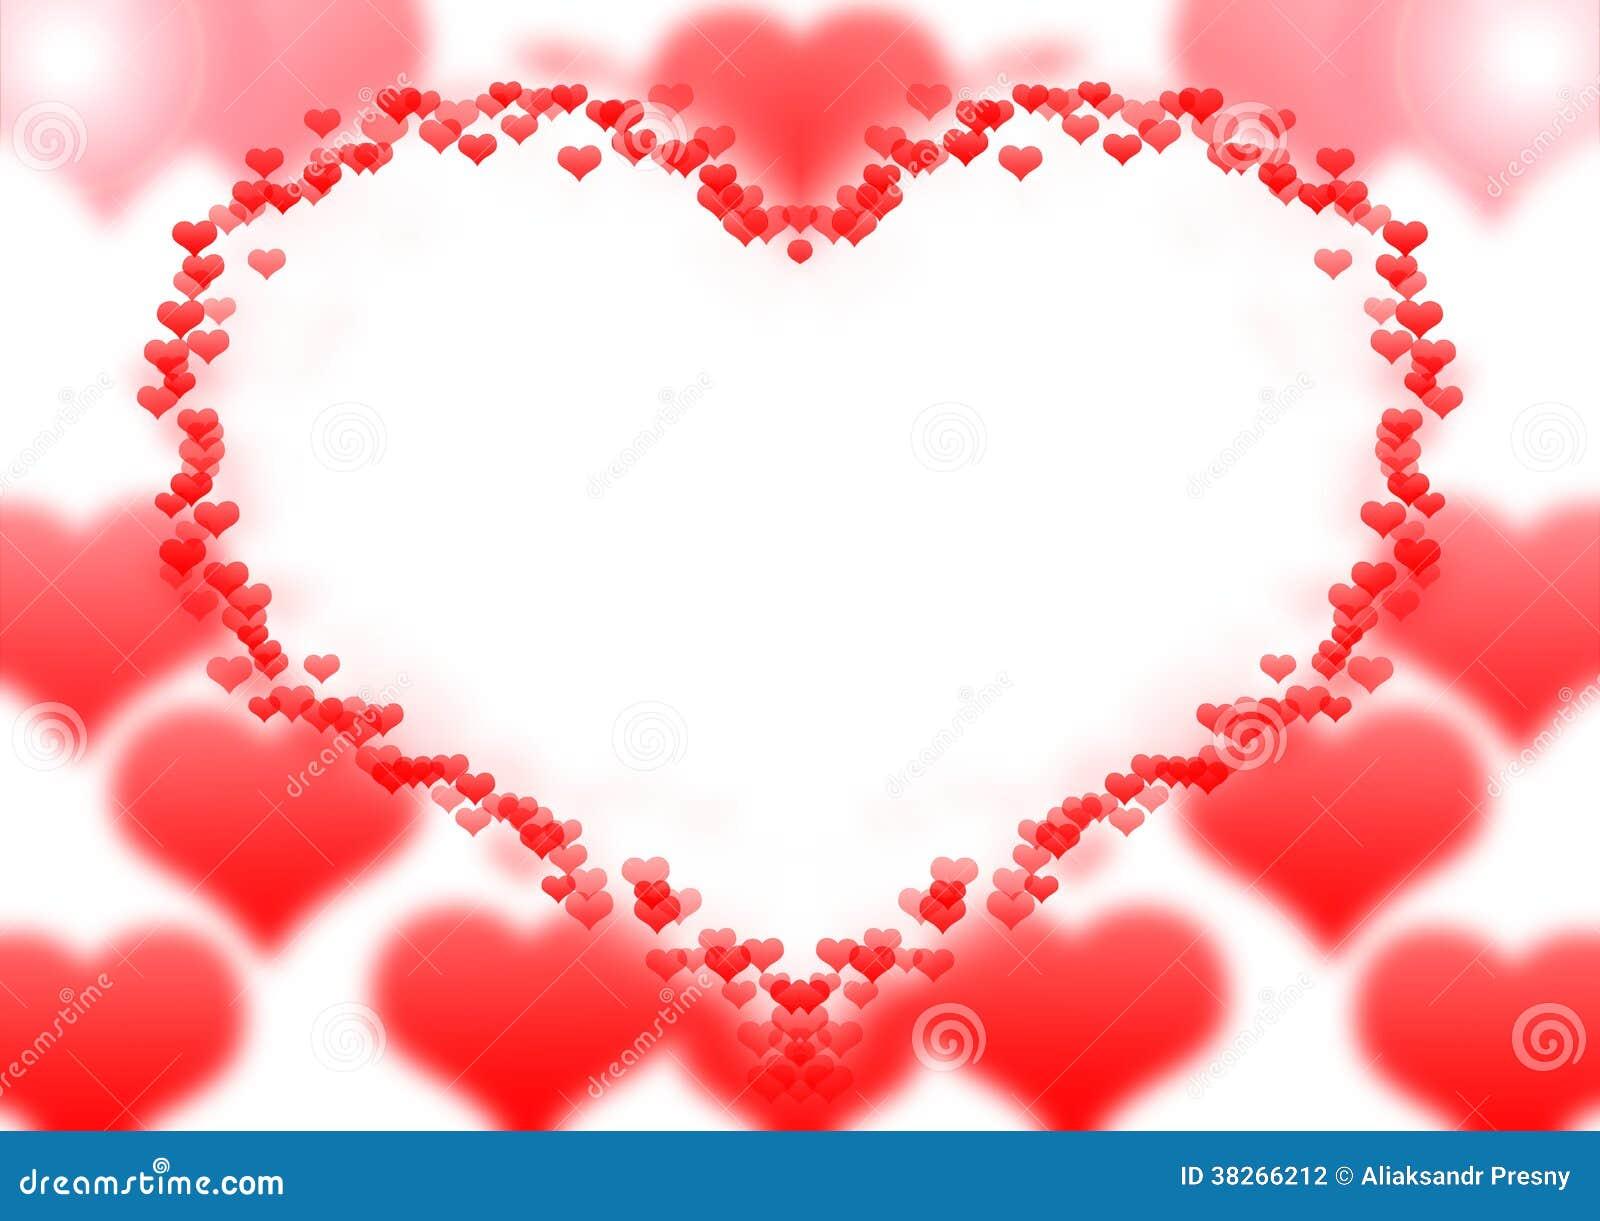 Herzrahmen stockfoto. Bild von bedeutung, inneres, liebe - 38266212